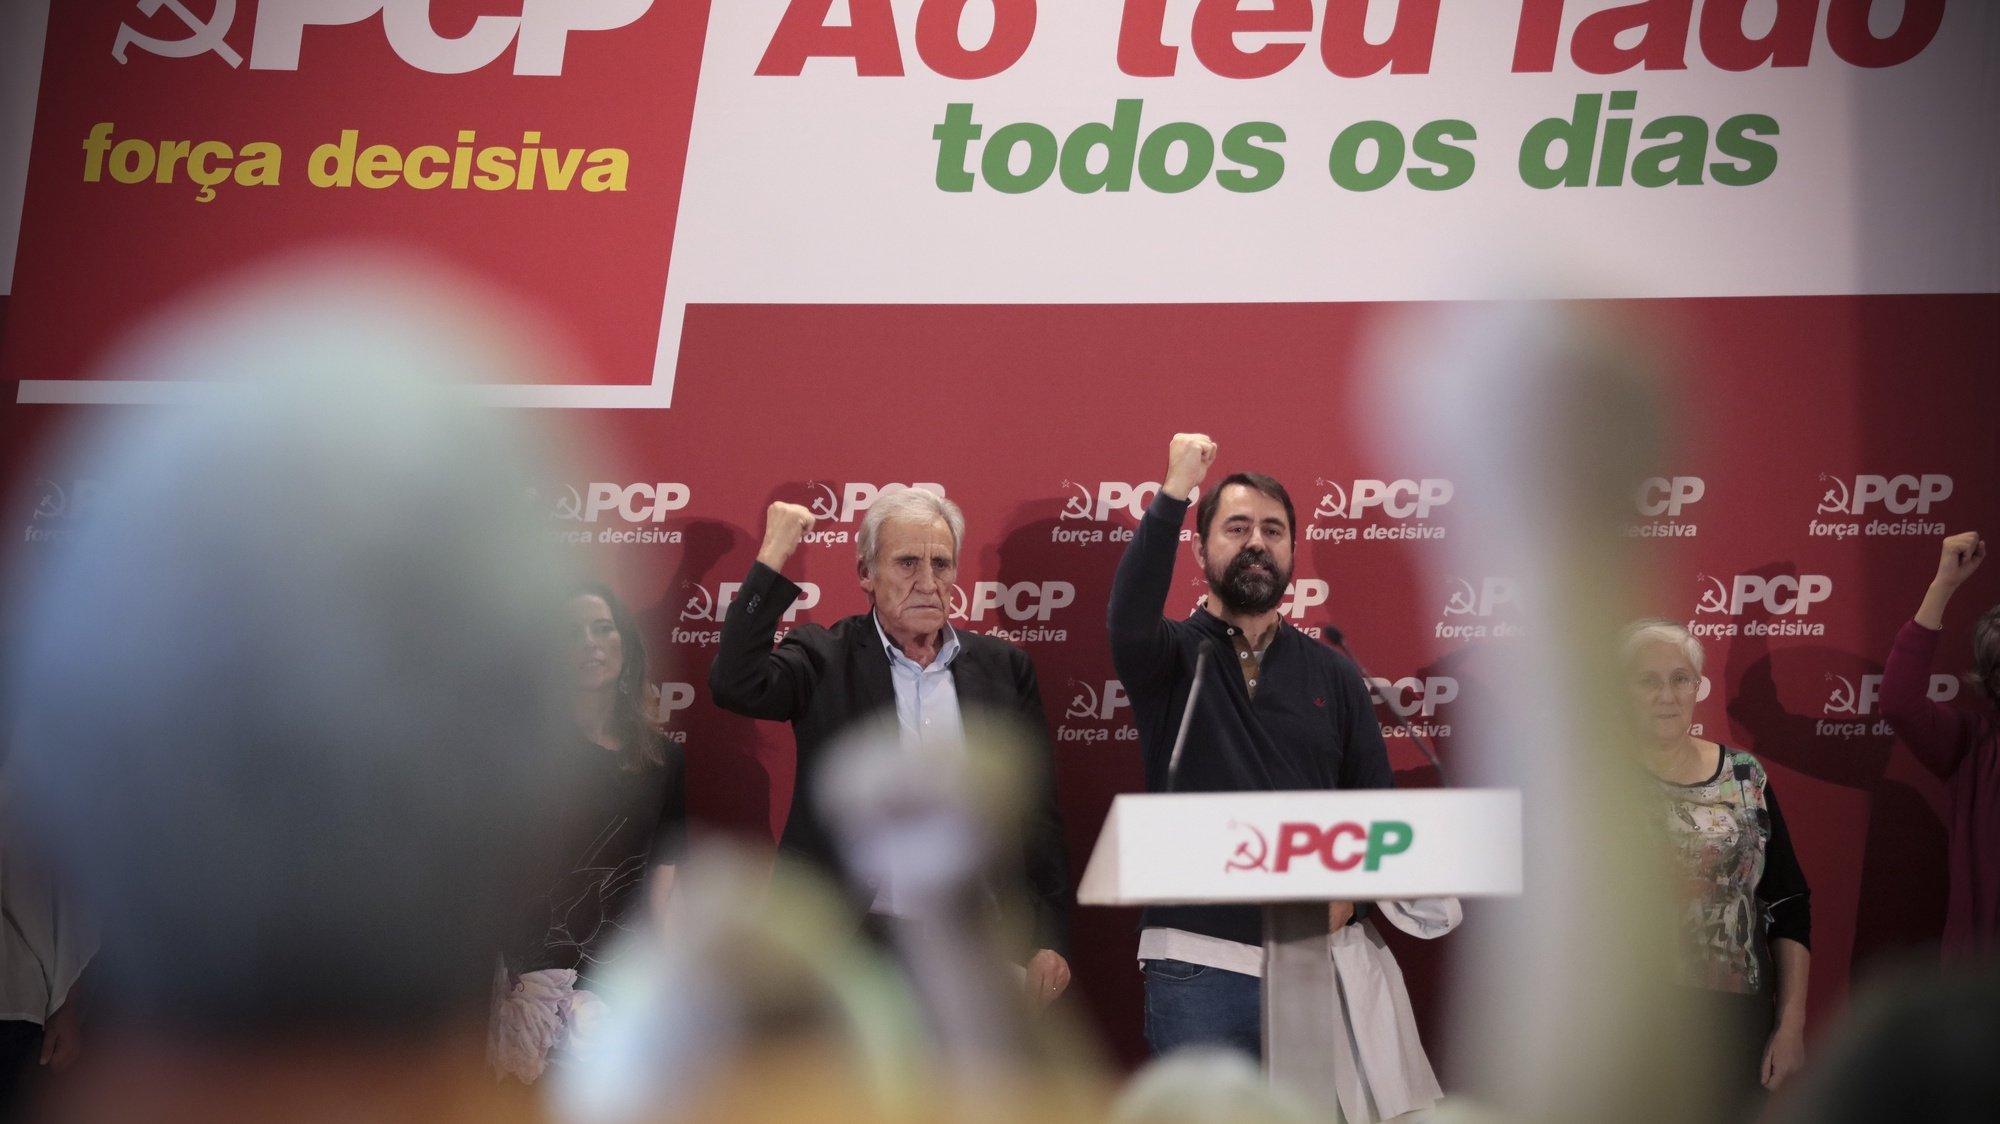 """O secretário-geral do Partido Comunista Português (PCP), Jerónimo de Sousa (E), durante o comício """"PCP – Força decisiva. Ao teu lado todos os dias"""", na Escola Secundária Carolina Michaelis, no Porto, 16 de outubro de2021. MANUEL FERNANDO ARAÚJO/LUSA"""